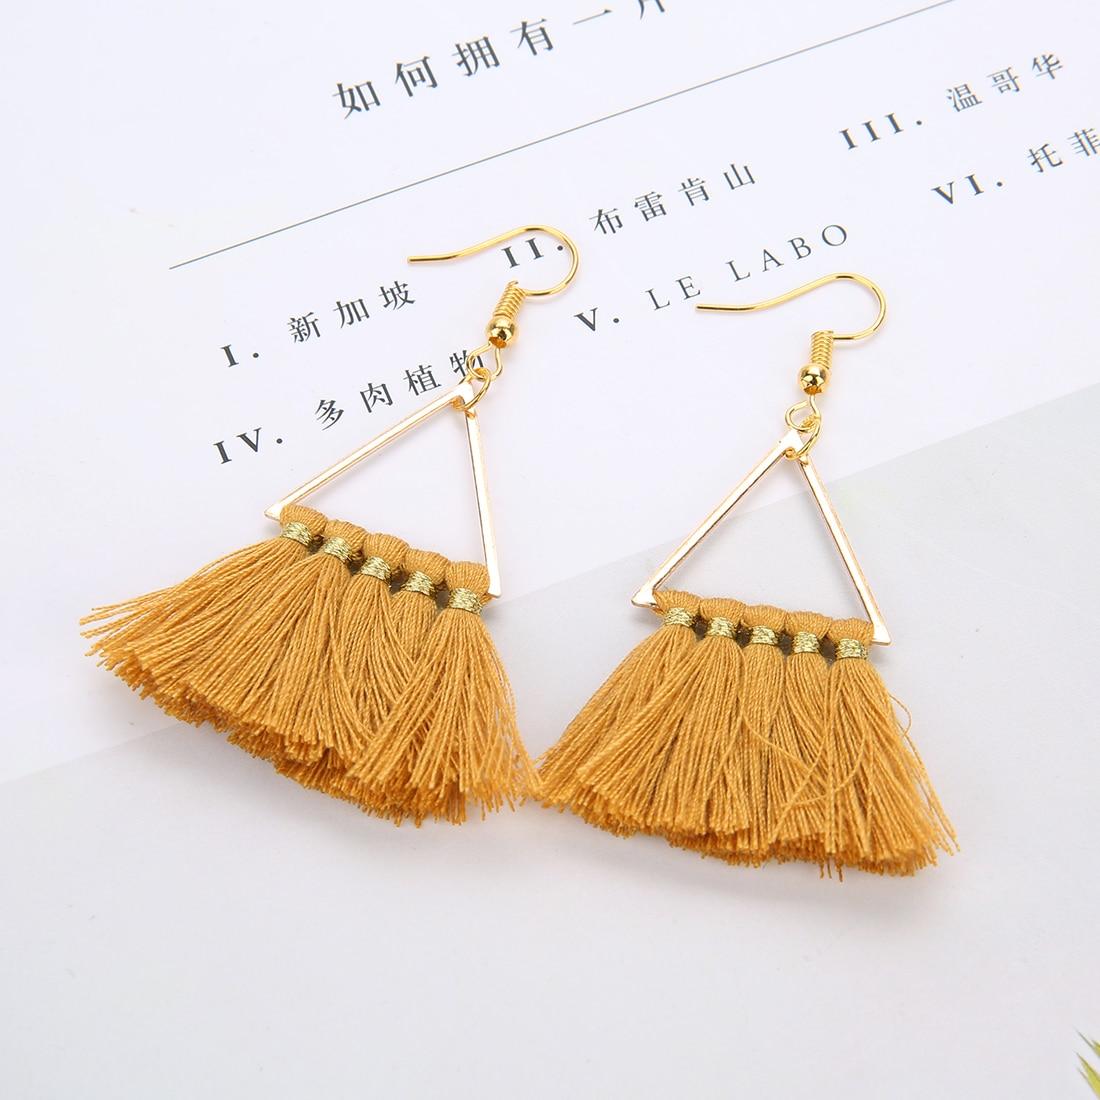 New 3 Layered Bohemian Fringed Luxury Statement Tassel Earrings 2020 Boho Fashion Jewelry Women Long Drop Dangle Earrings